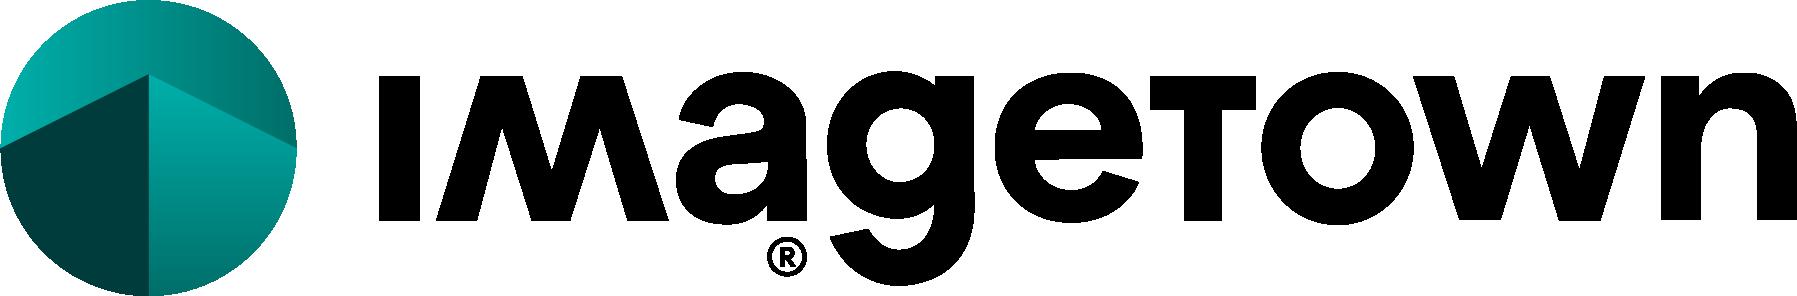 IMAGETOWN GmbH